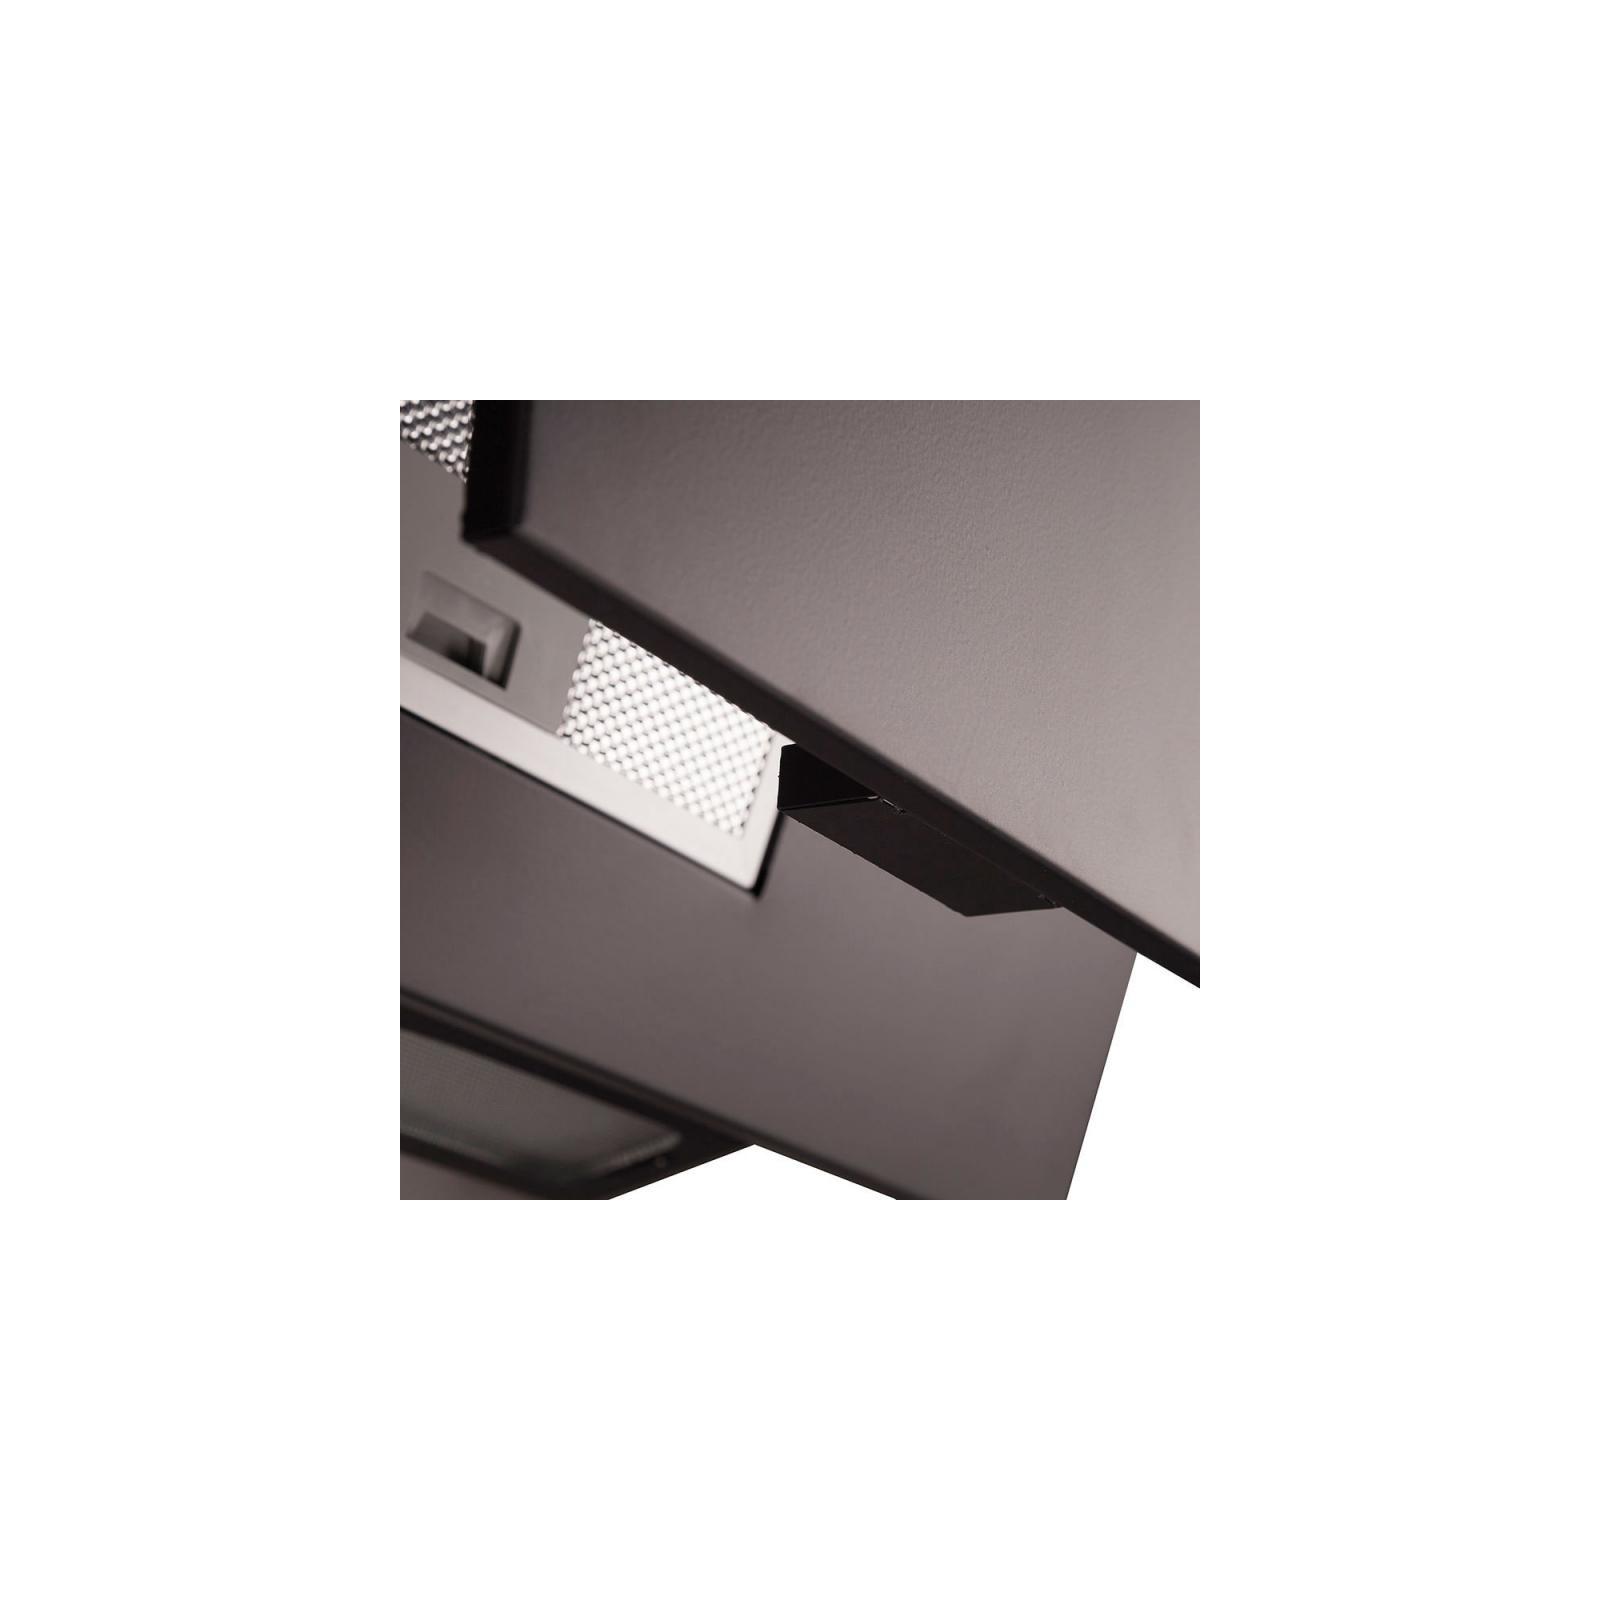 Вытяжка кухонная PYRAMIDA KZ 50 BL изображение 5